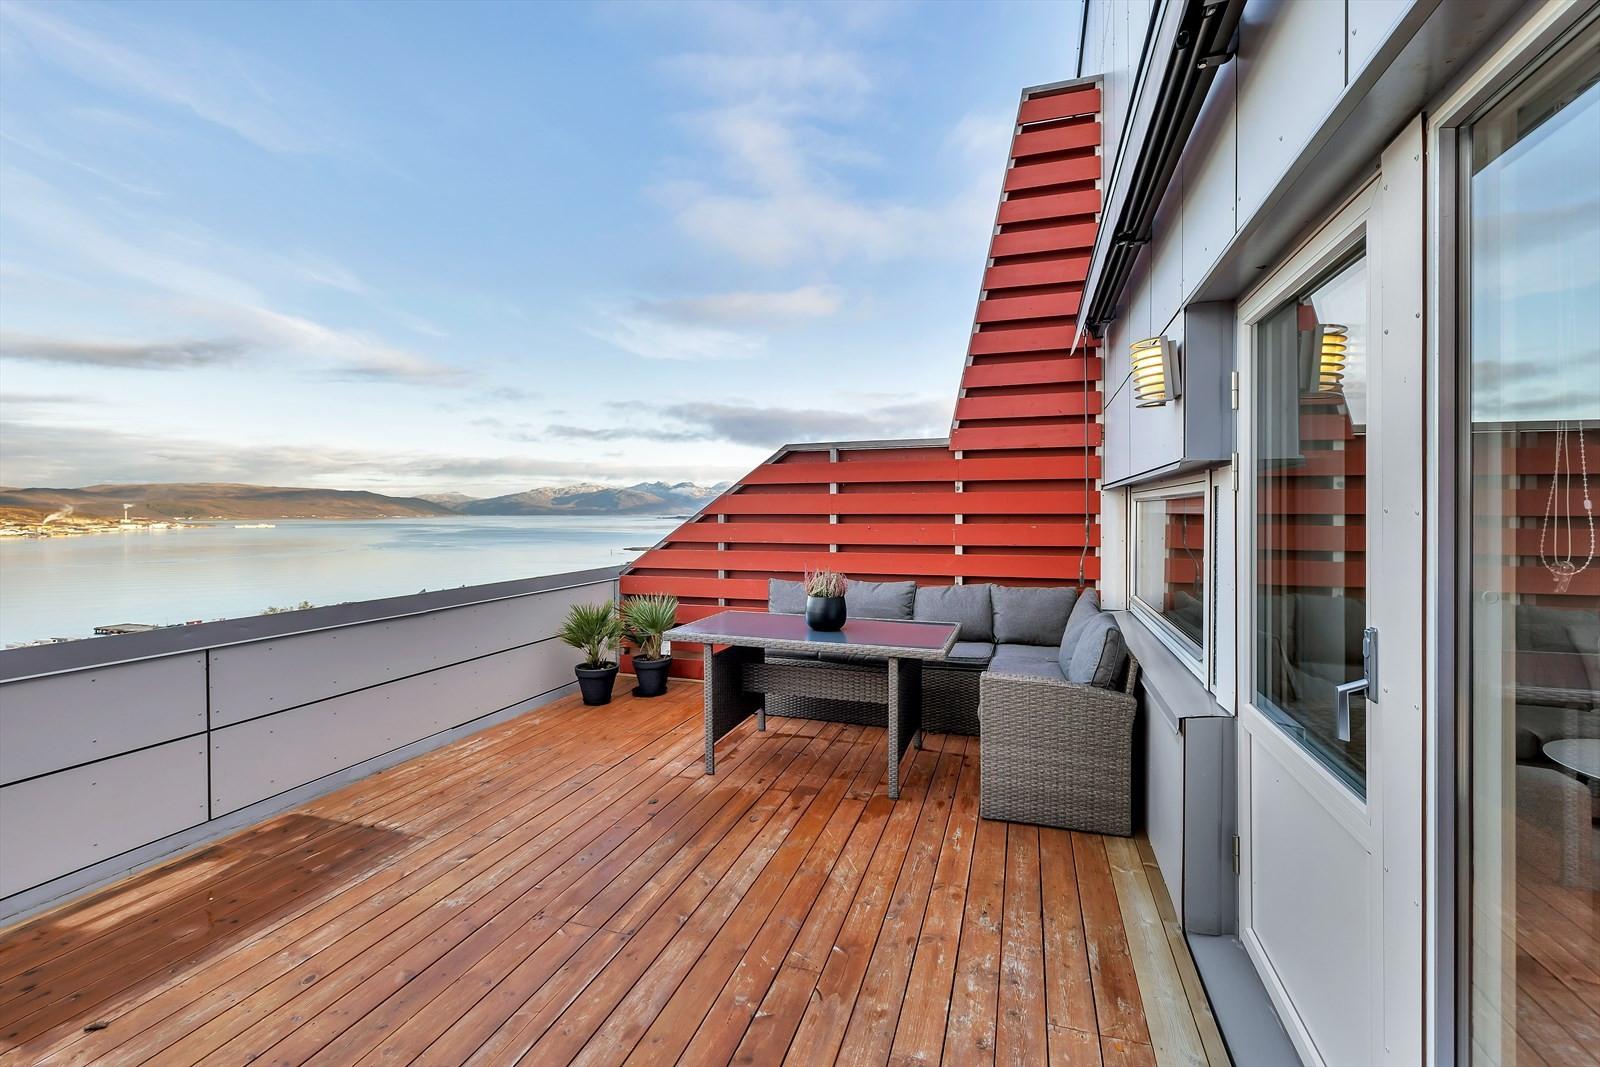 Stor terrasse med fantastiske sol- og utsiktsforhold.